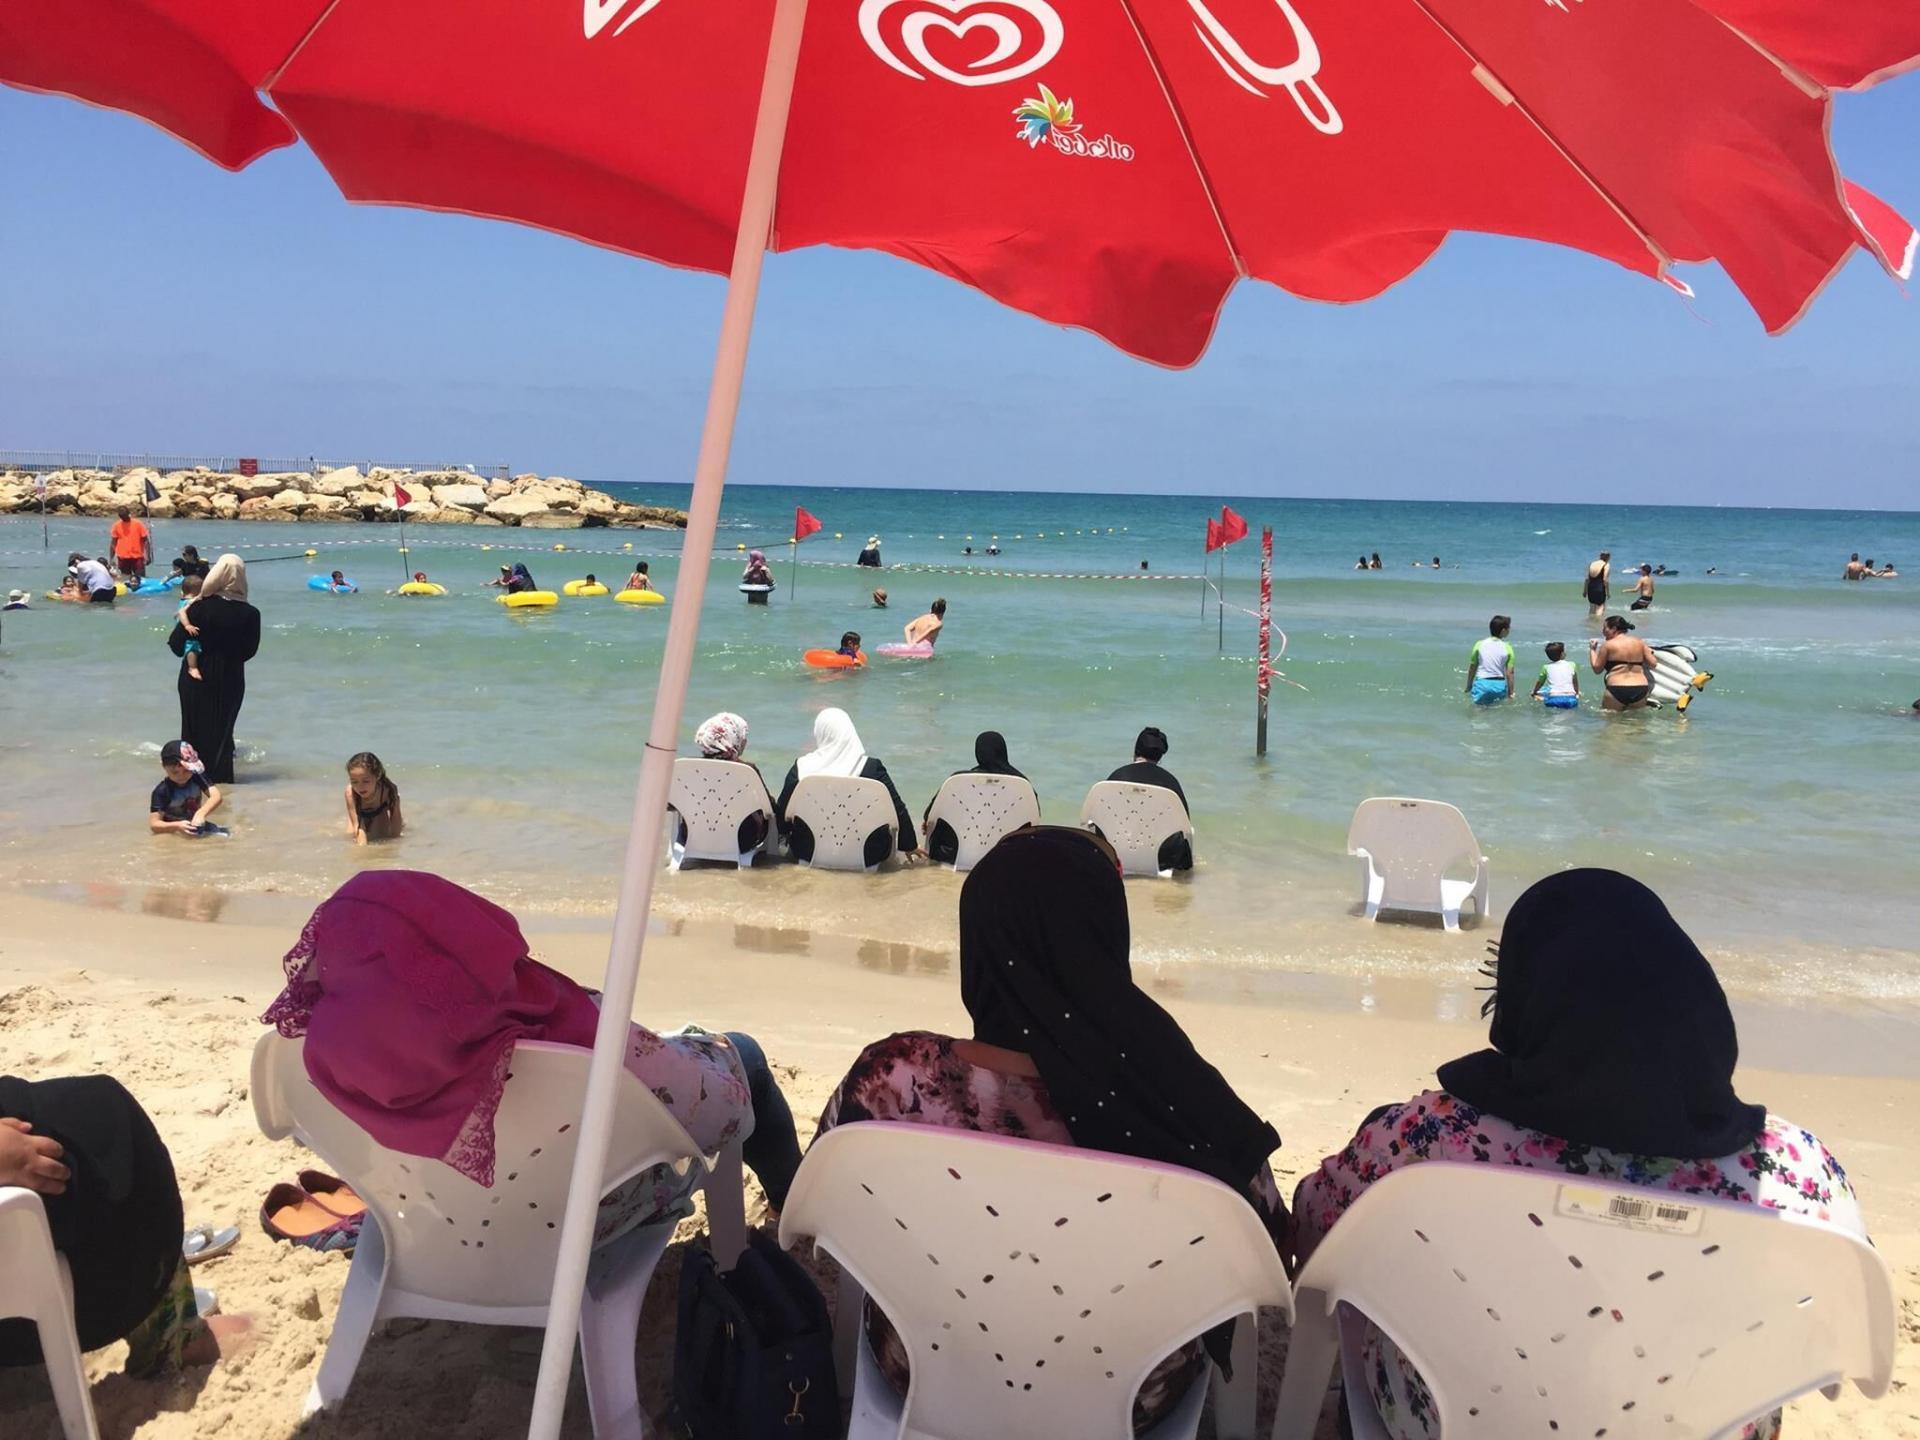 הילדים והאמהות נהנים מהים